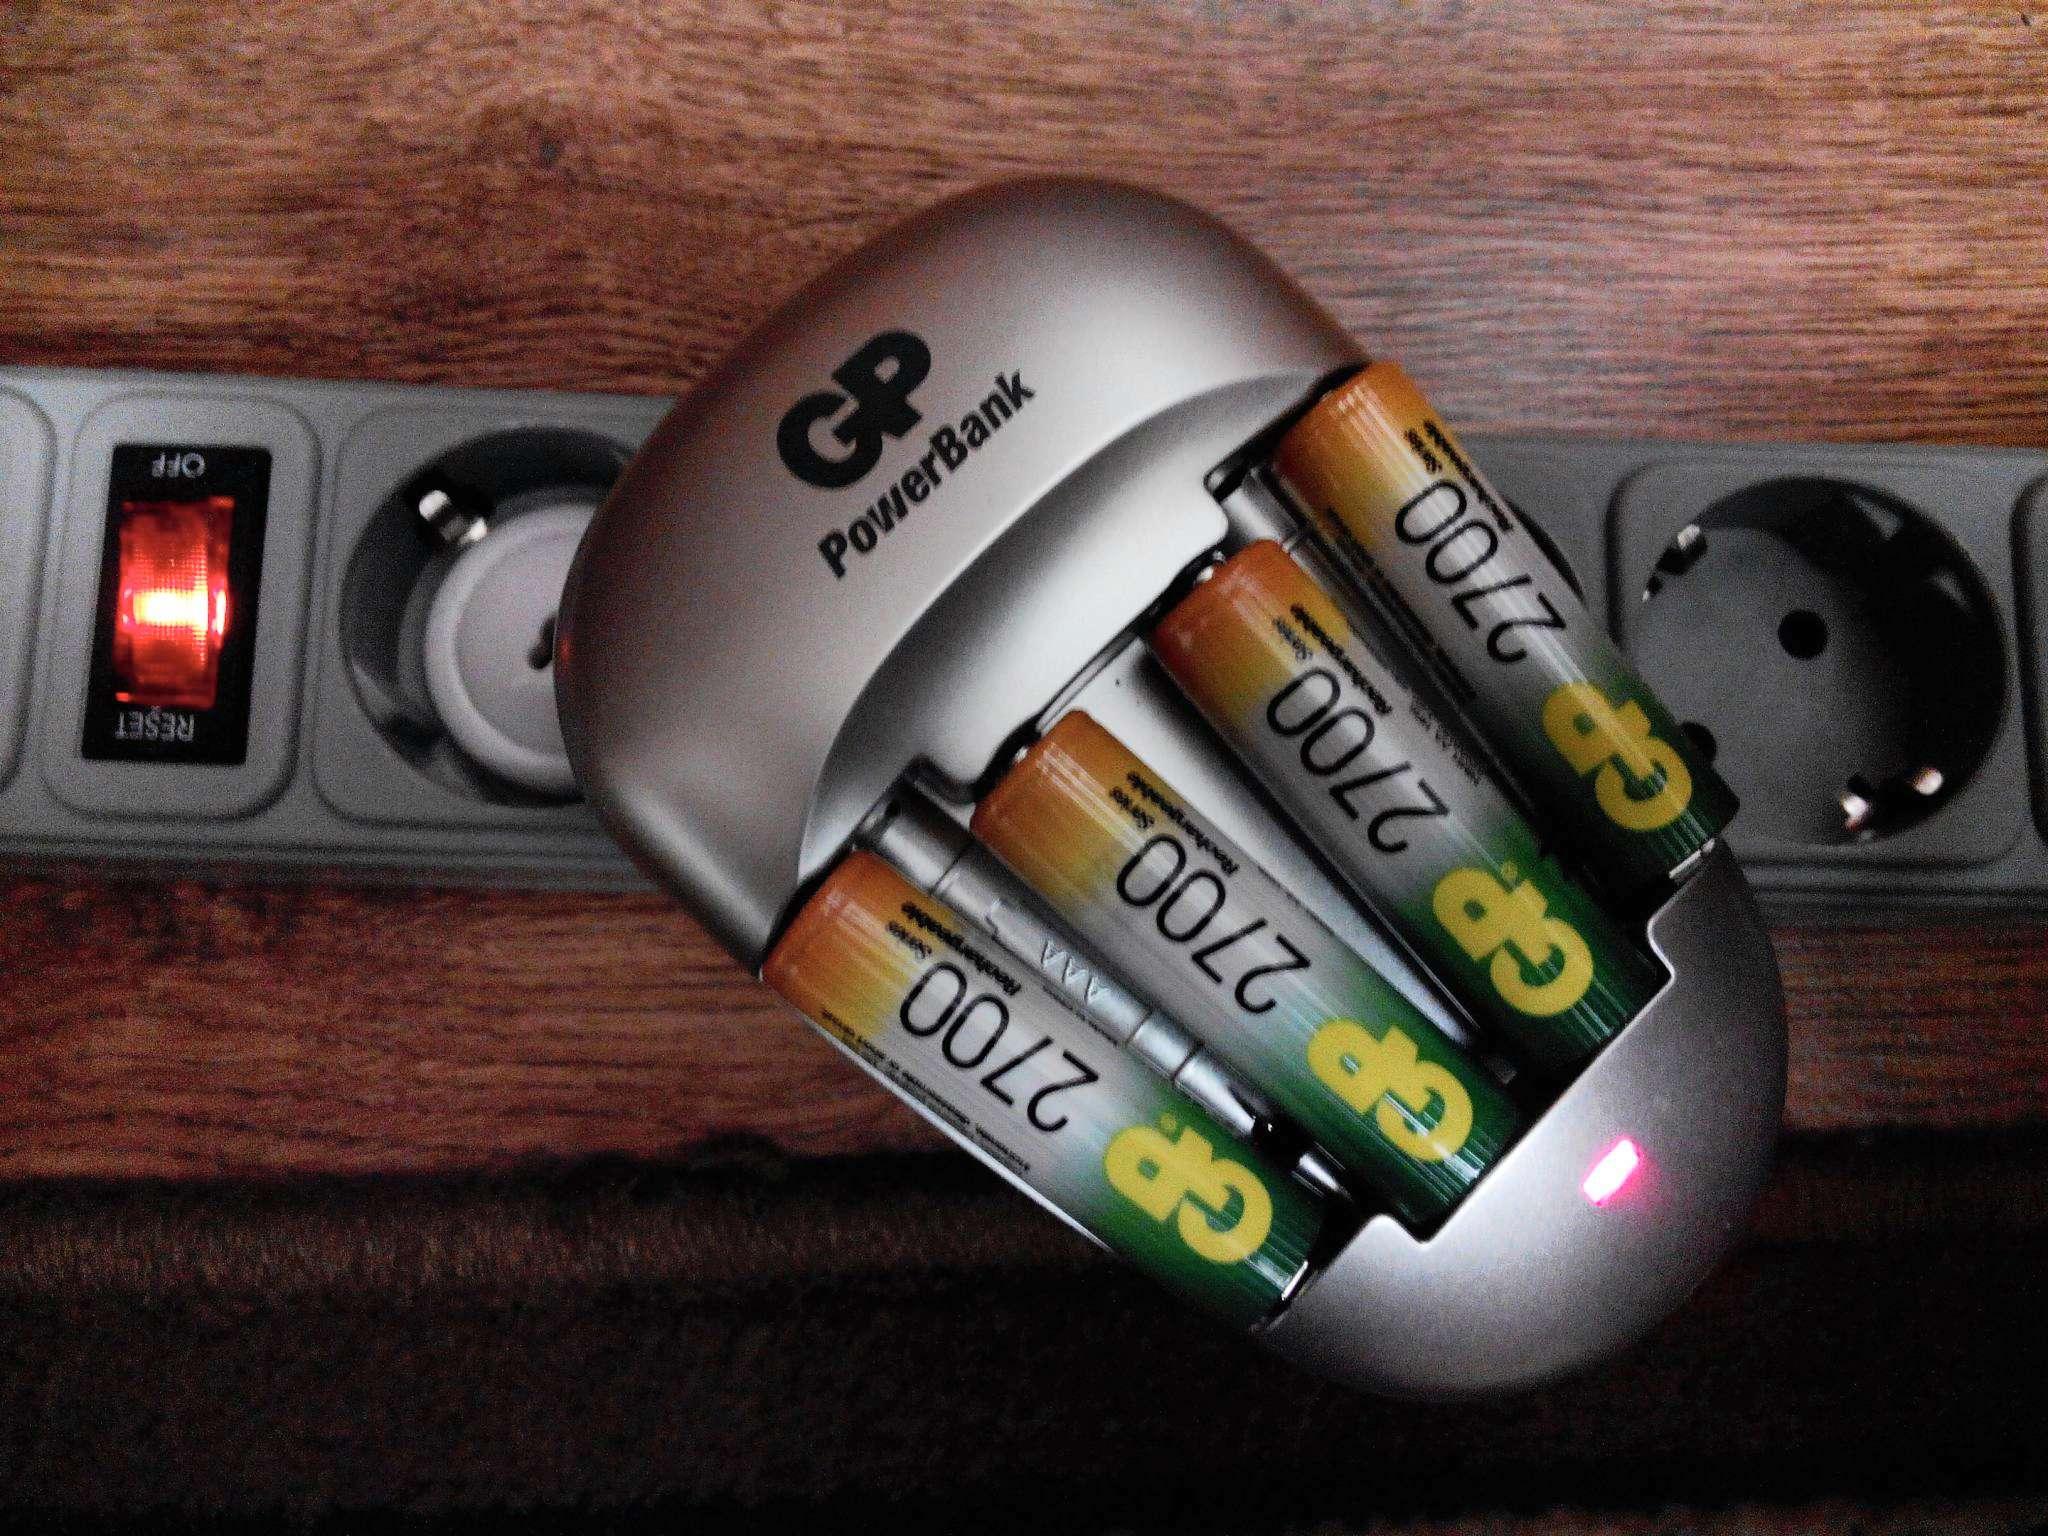 аккумуляторы gp 2700 инструкция